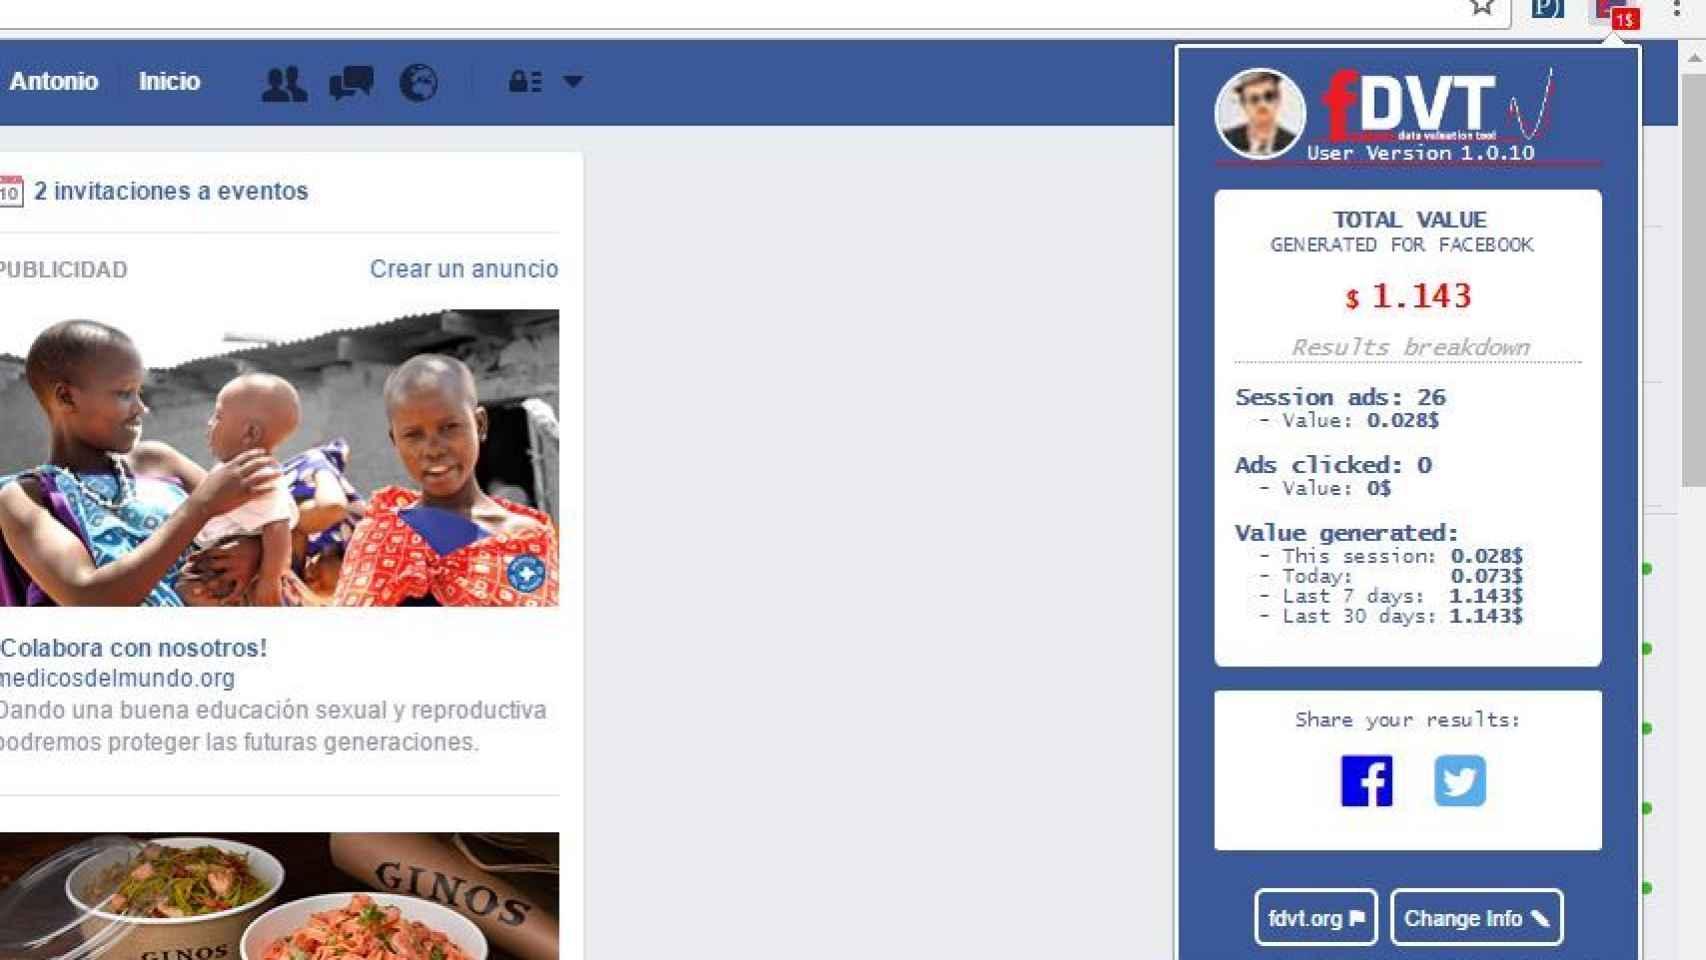 La herramienta informa centavo a centavo lo que Facebook gana con nosotros.